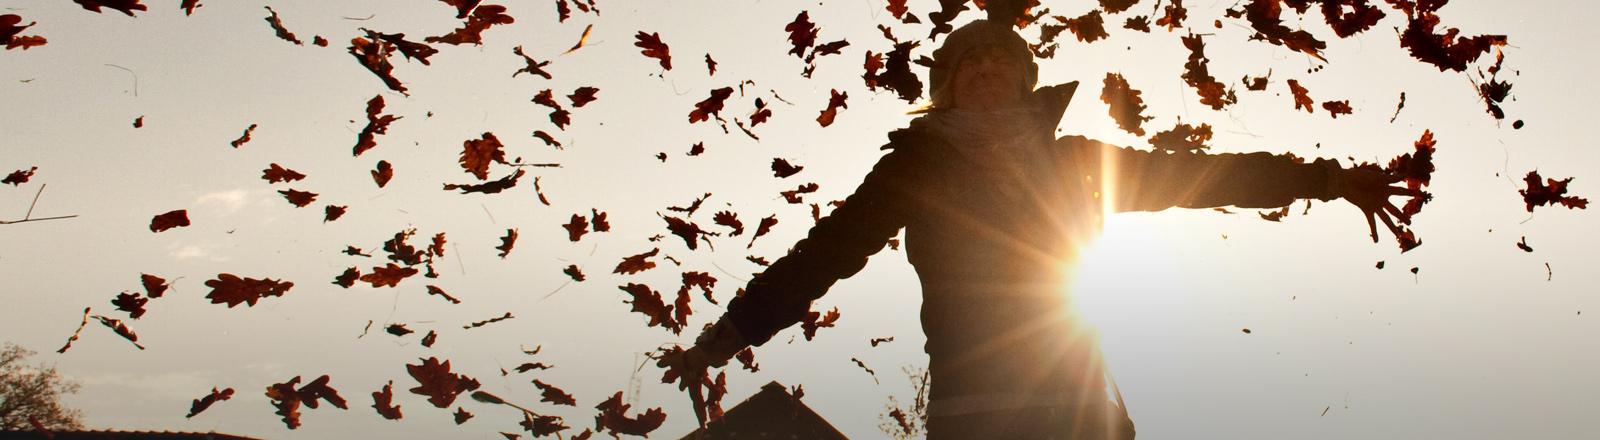 Eine Frau tanzt in wehenden Blättern in der Sonne.